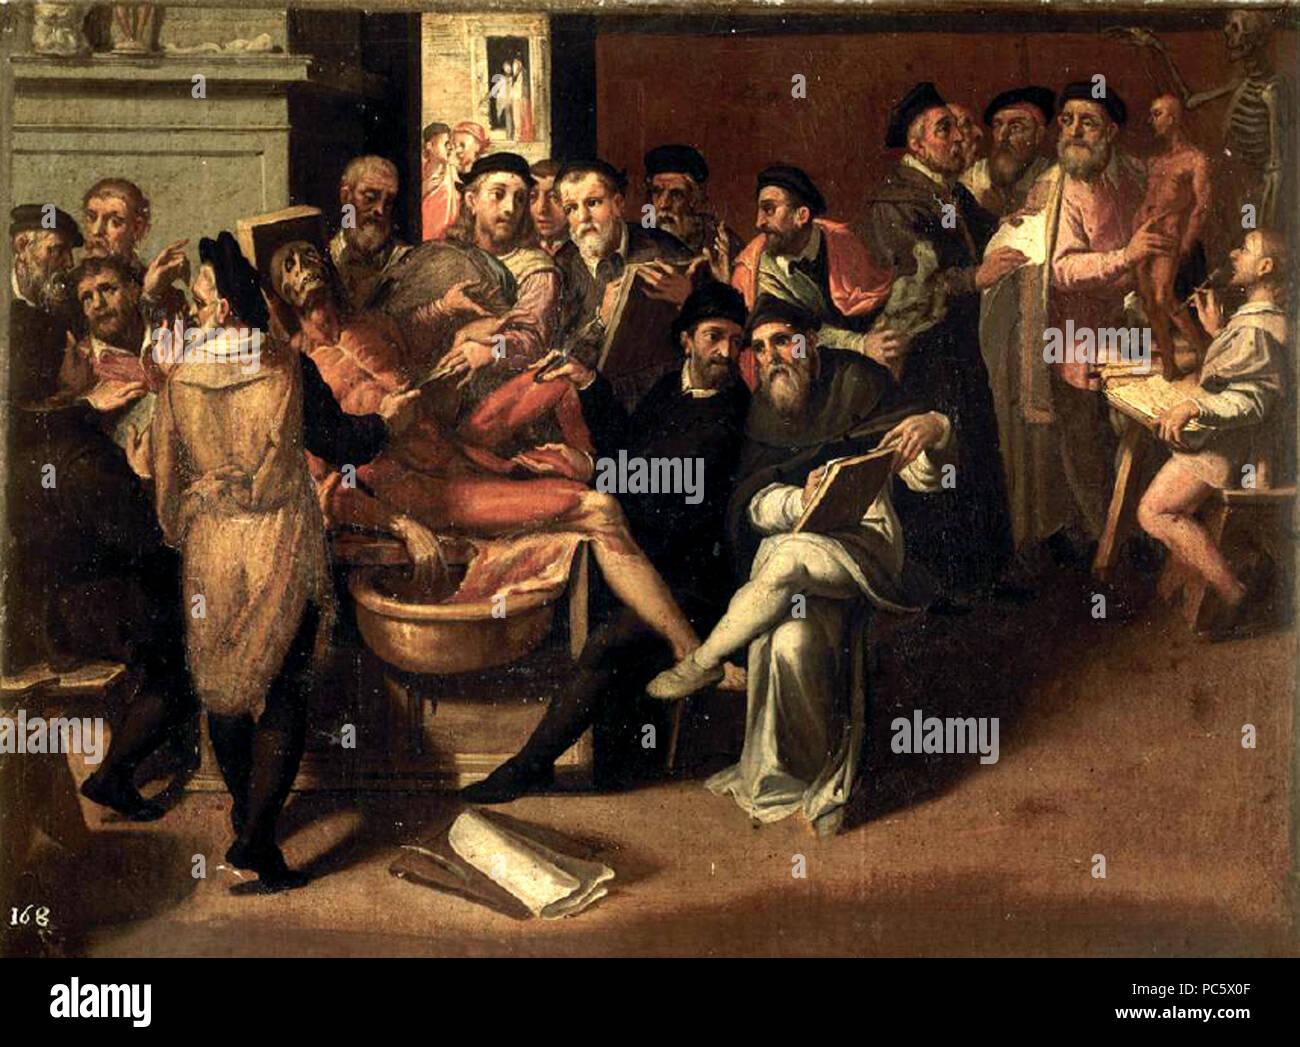 12 Bartolomeo Passarotti - Lezione di anatomia Immagini Stock